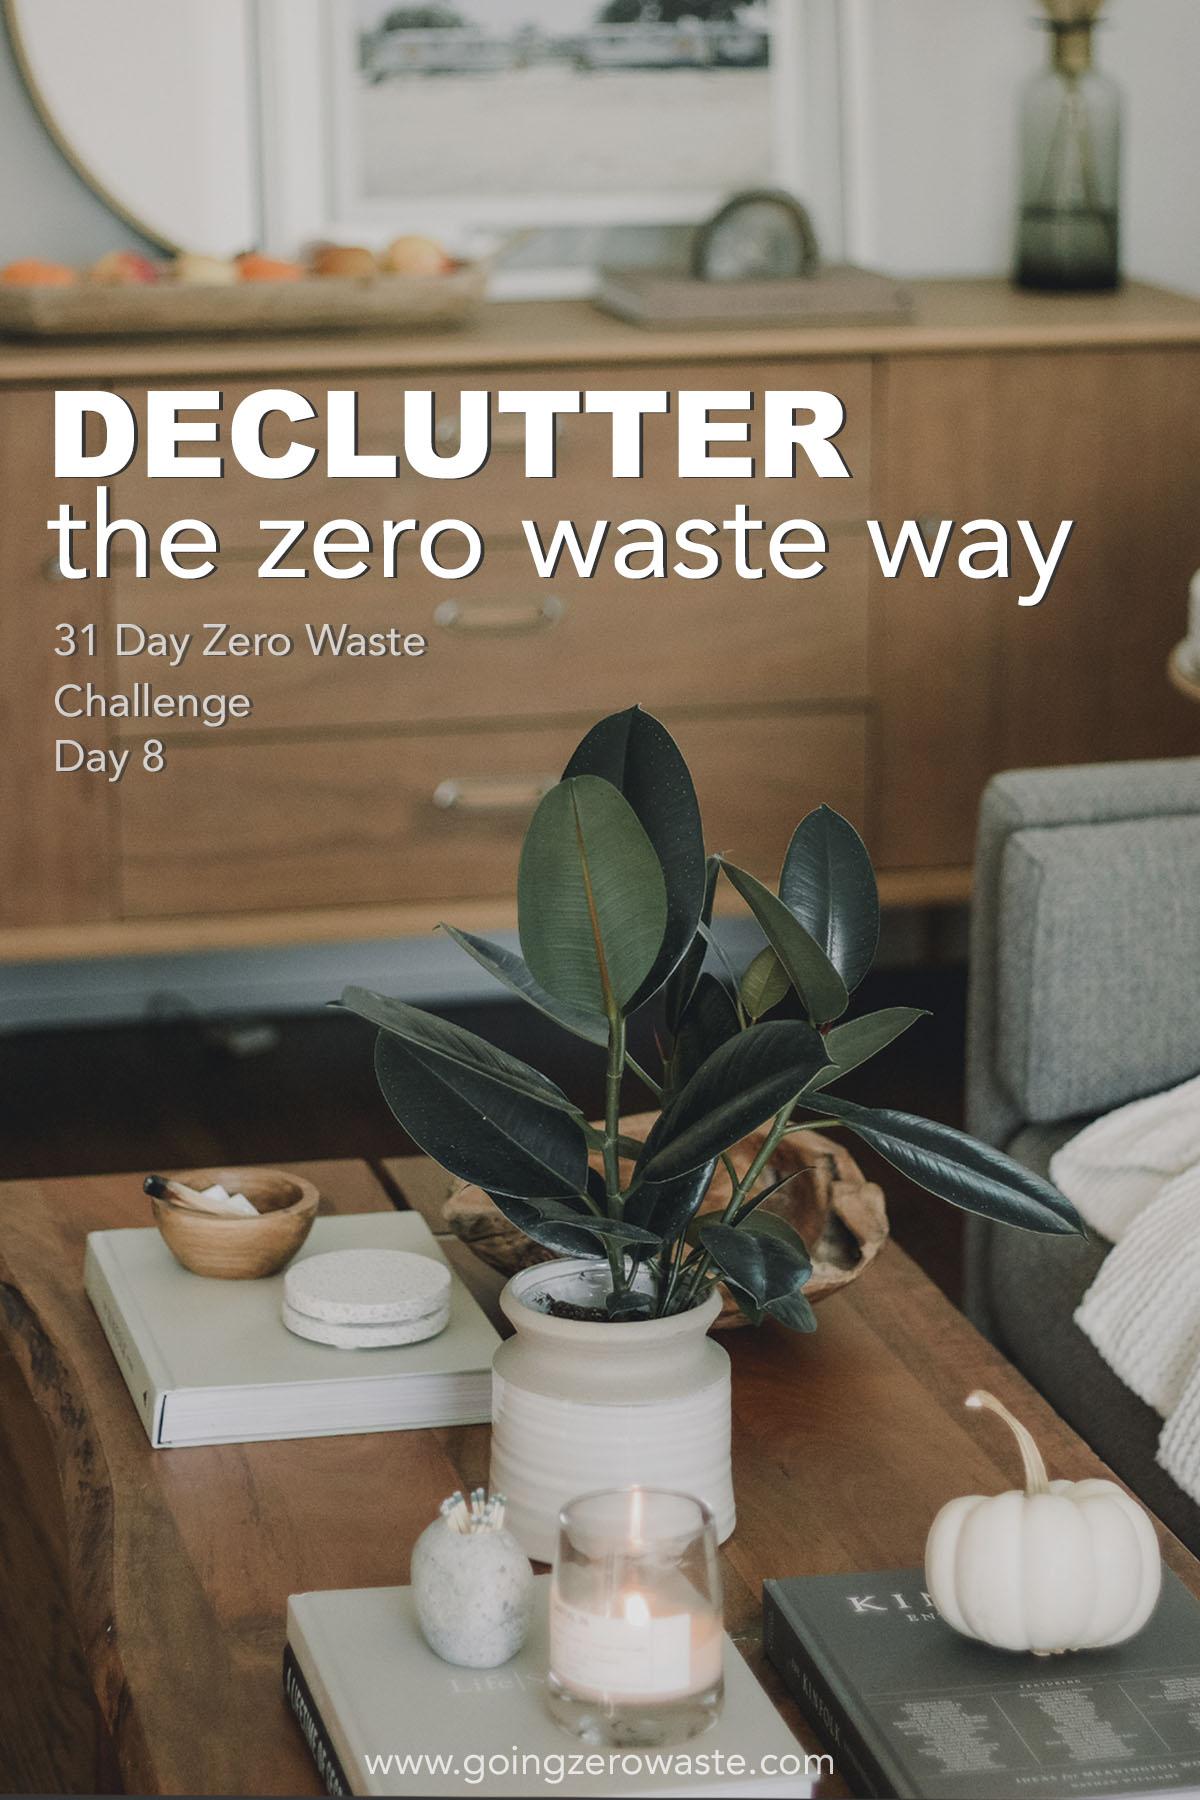 how to declutter your life in the zero waste way from www.goingzerowaste.com #declutter #tidyup #ecofriendly #zerowastechallenge